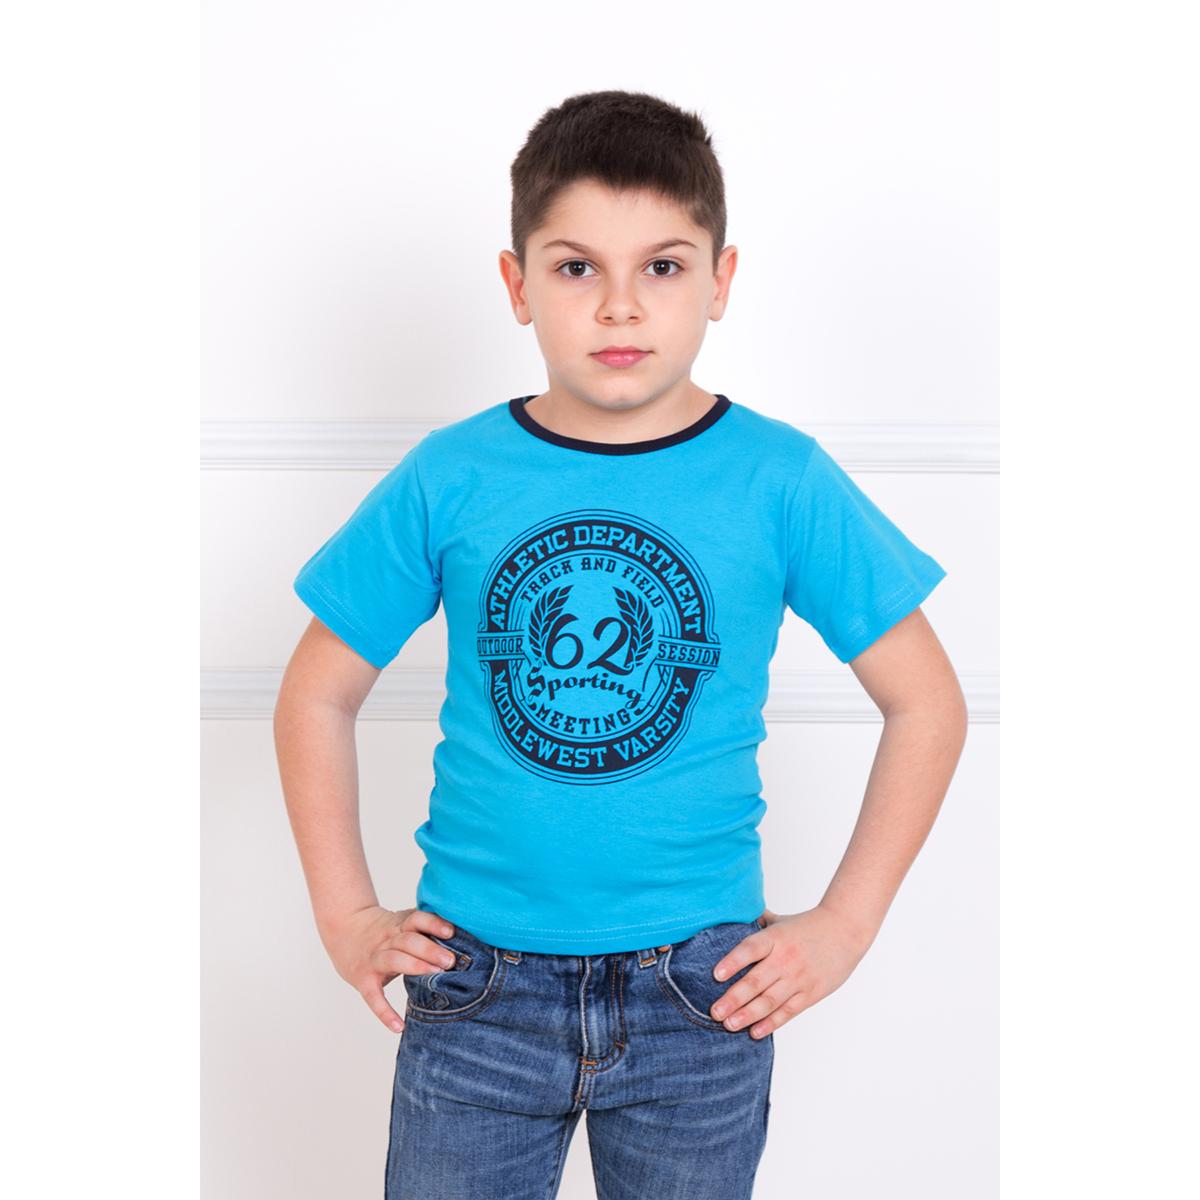 Детская футболка Камелот Голубой, размер 28Футболки и майки<br><br><br>Тип: Дет. футболка<br>Размер: 28<br>Материал: Кулирка